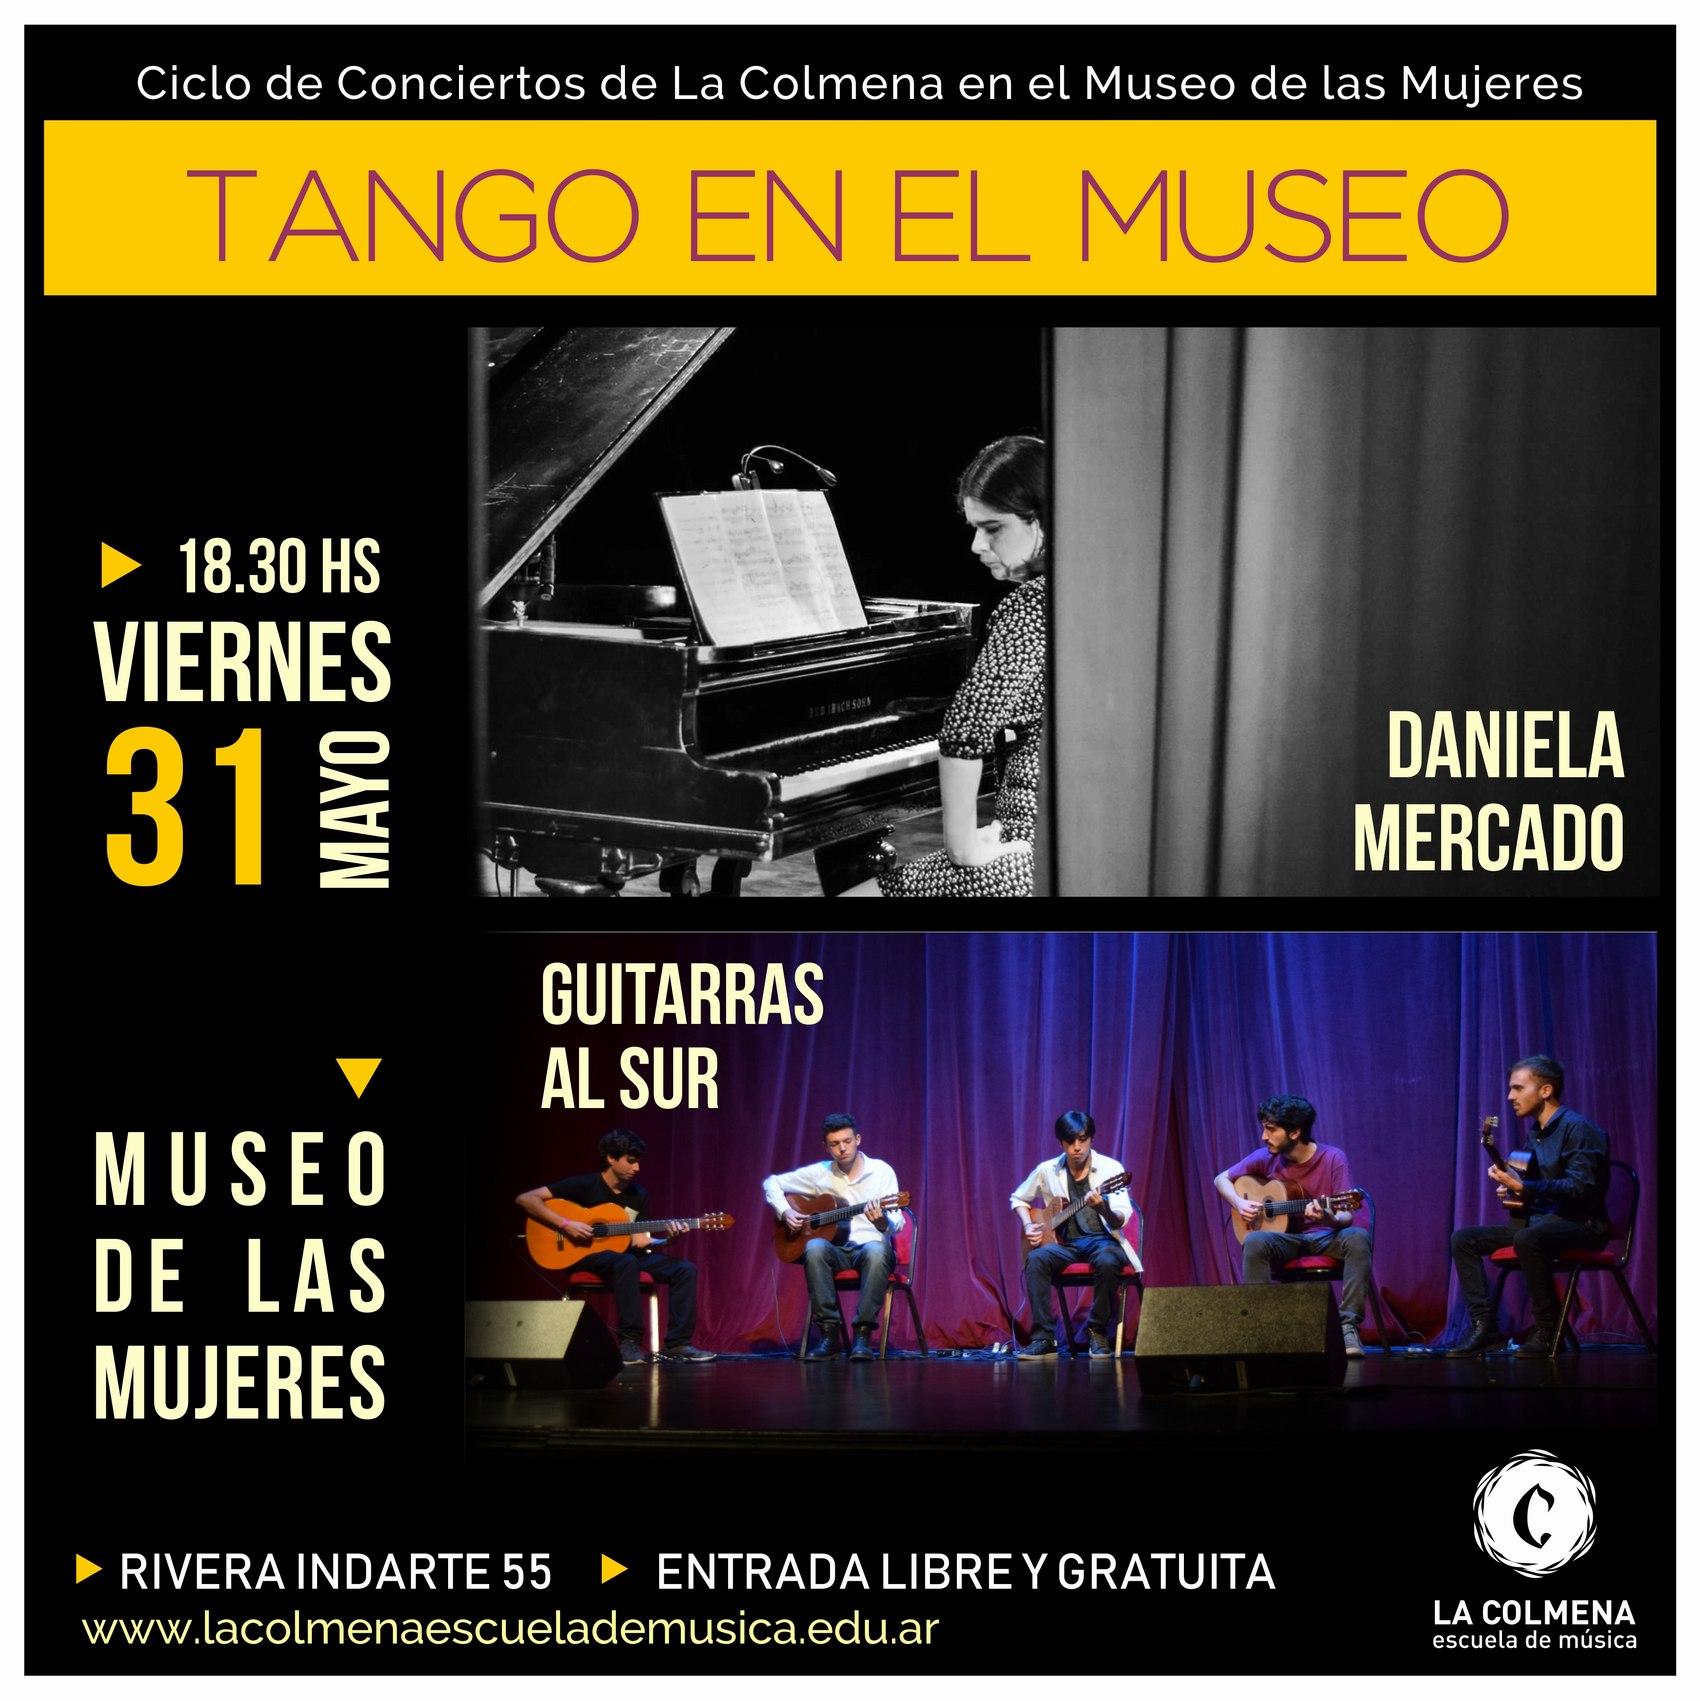 Tango en el Museo de las Mujeres